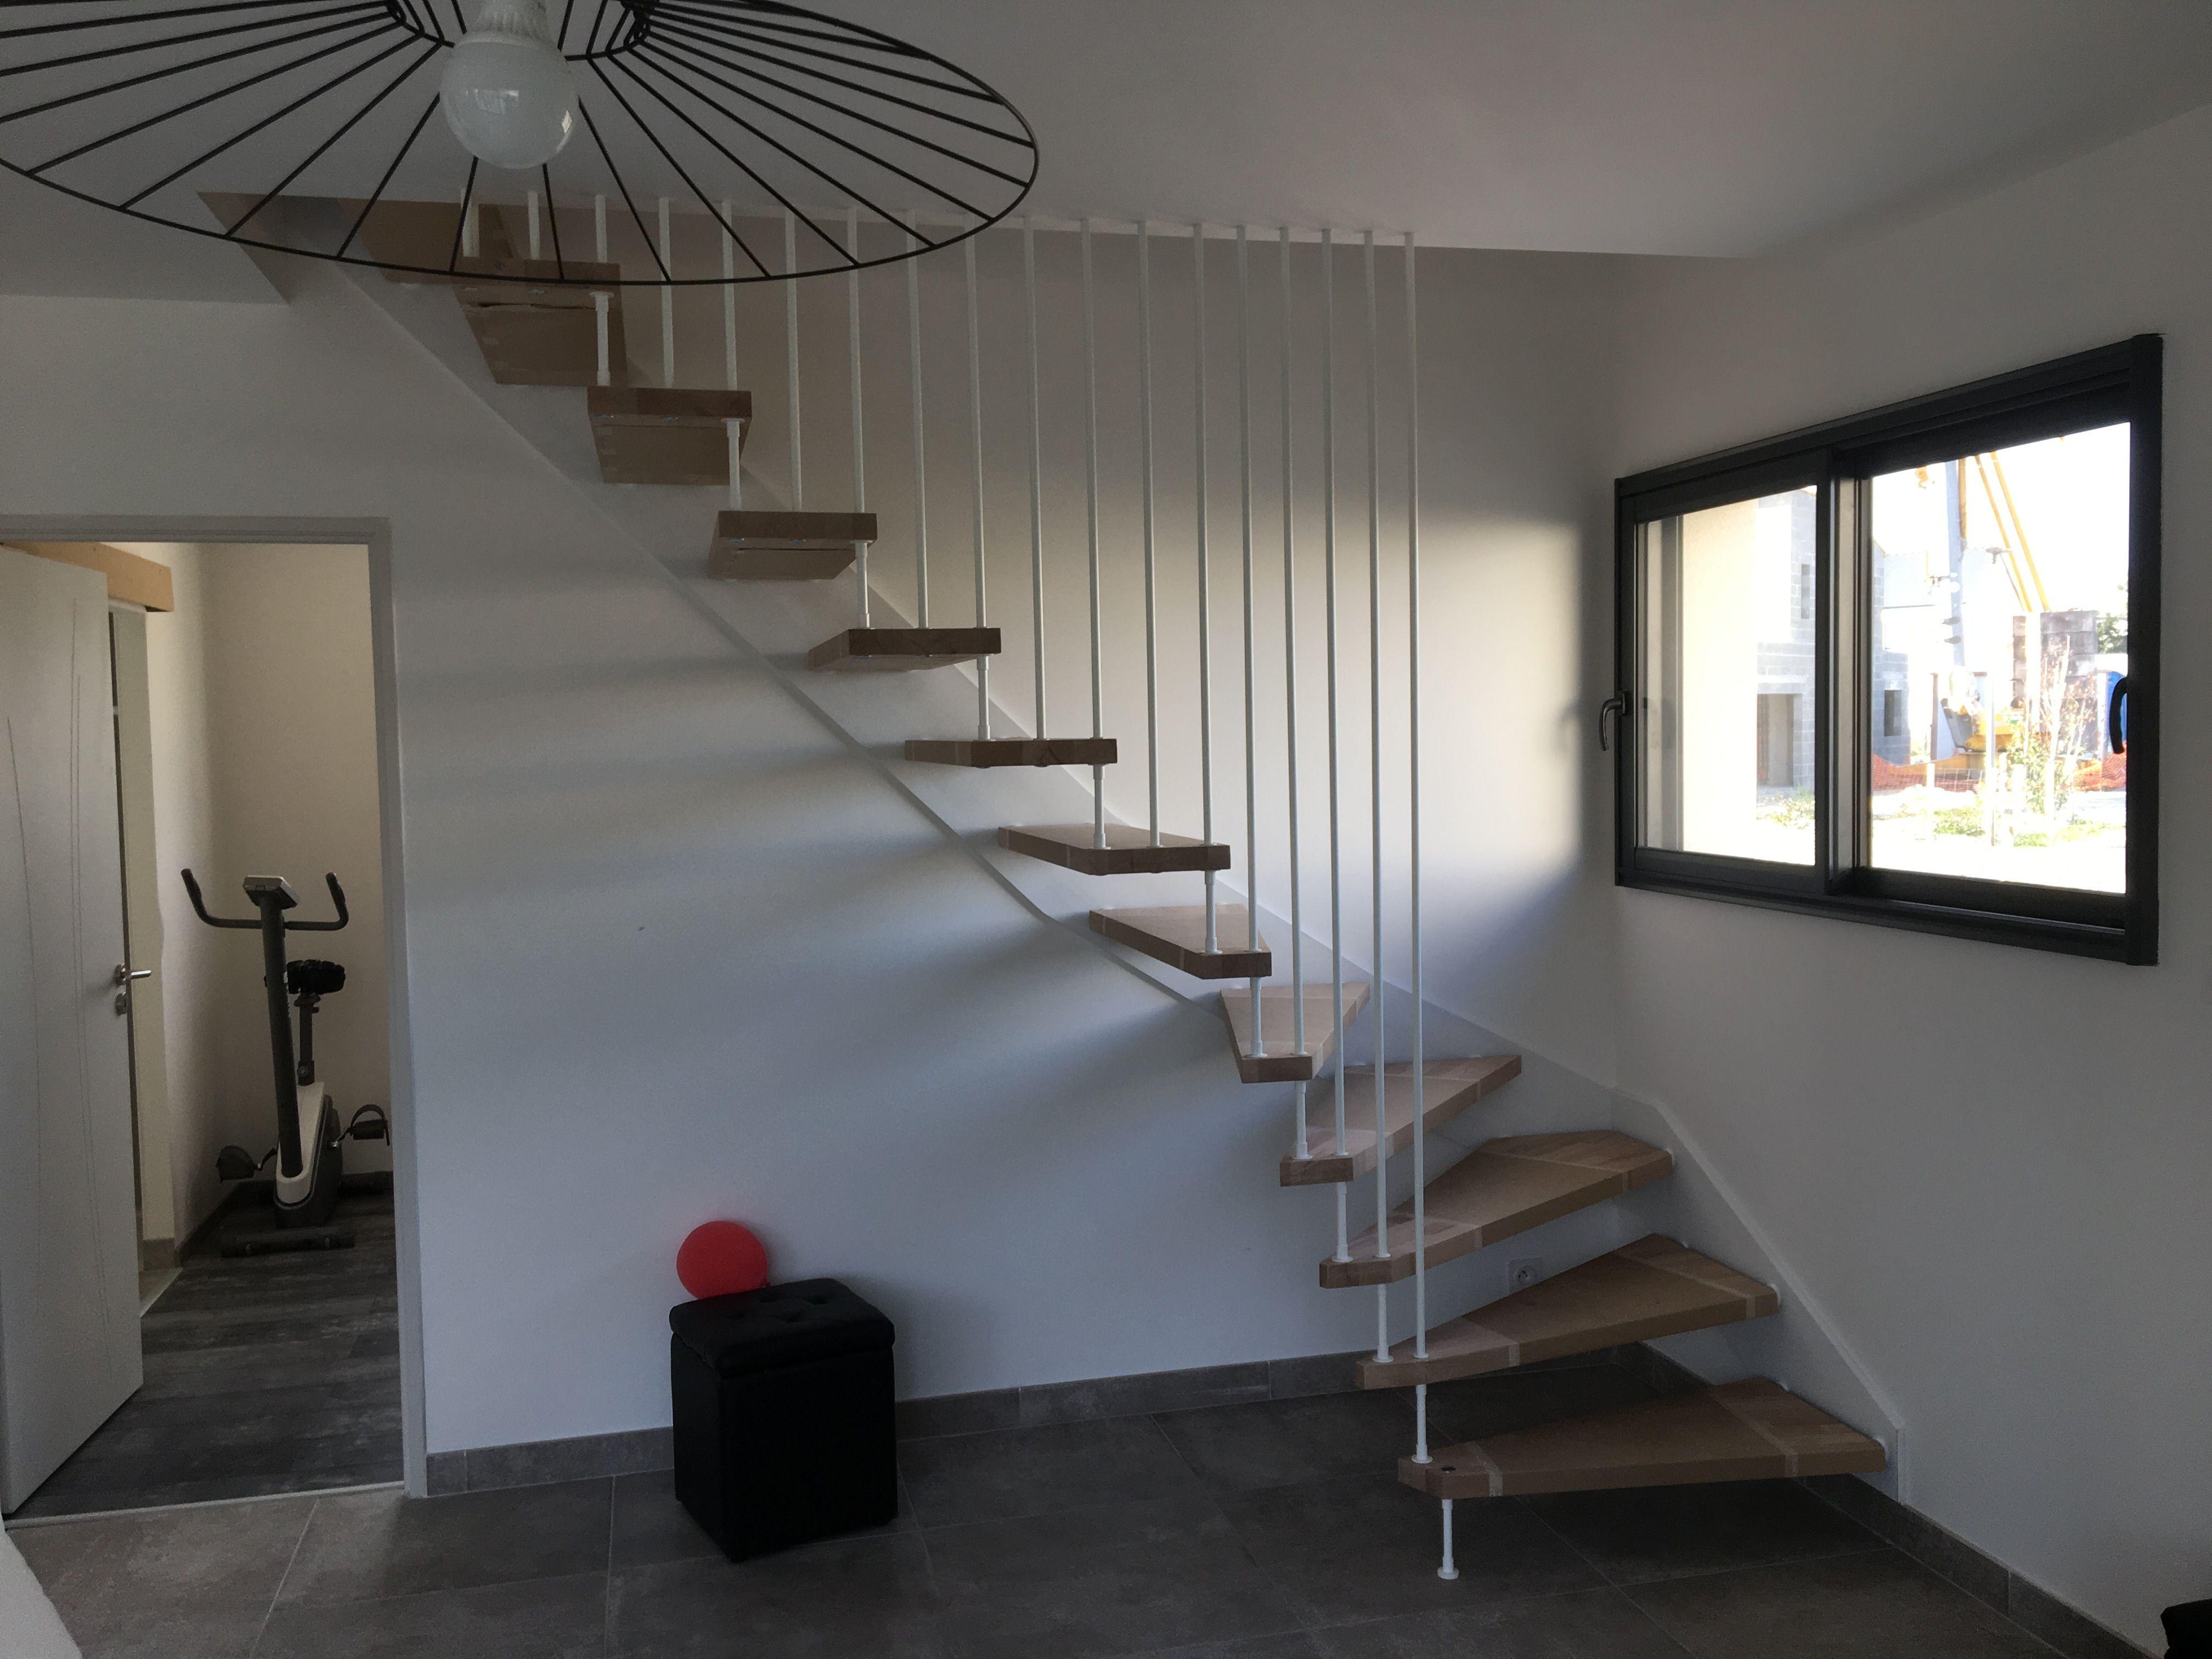 Escalier Nova R6 Avec Harpe Blanche Avec Images Escalier